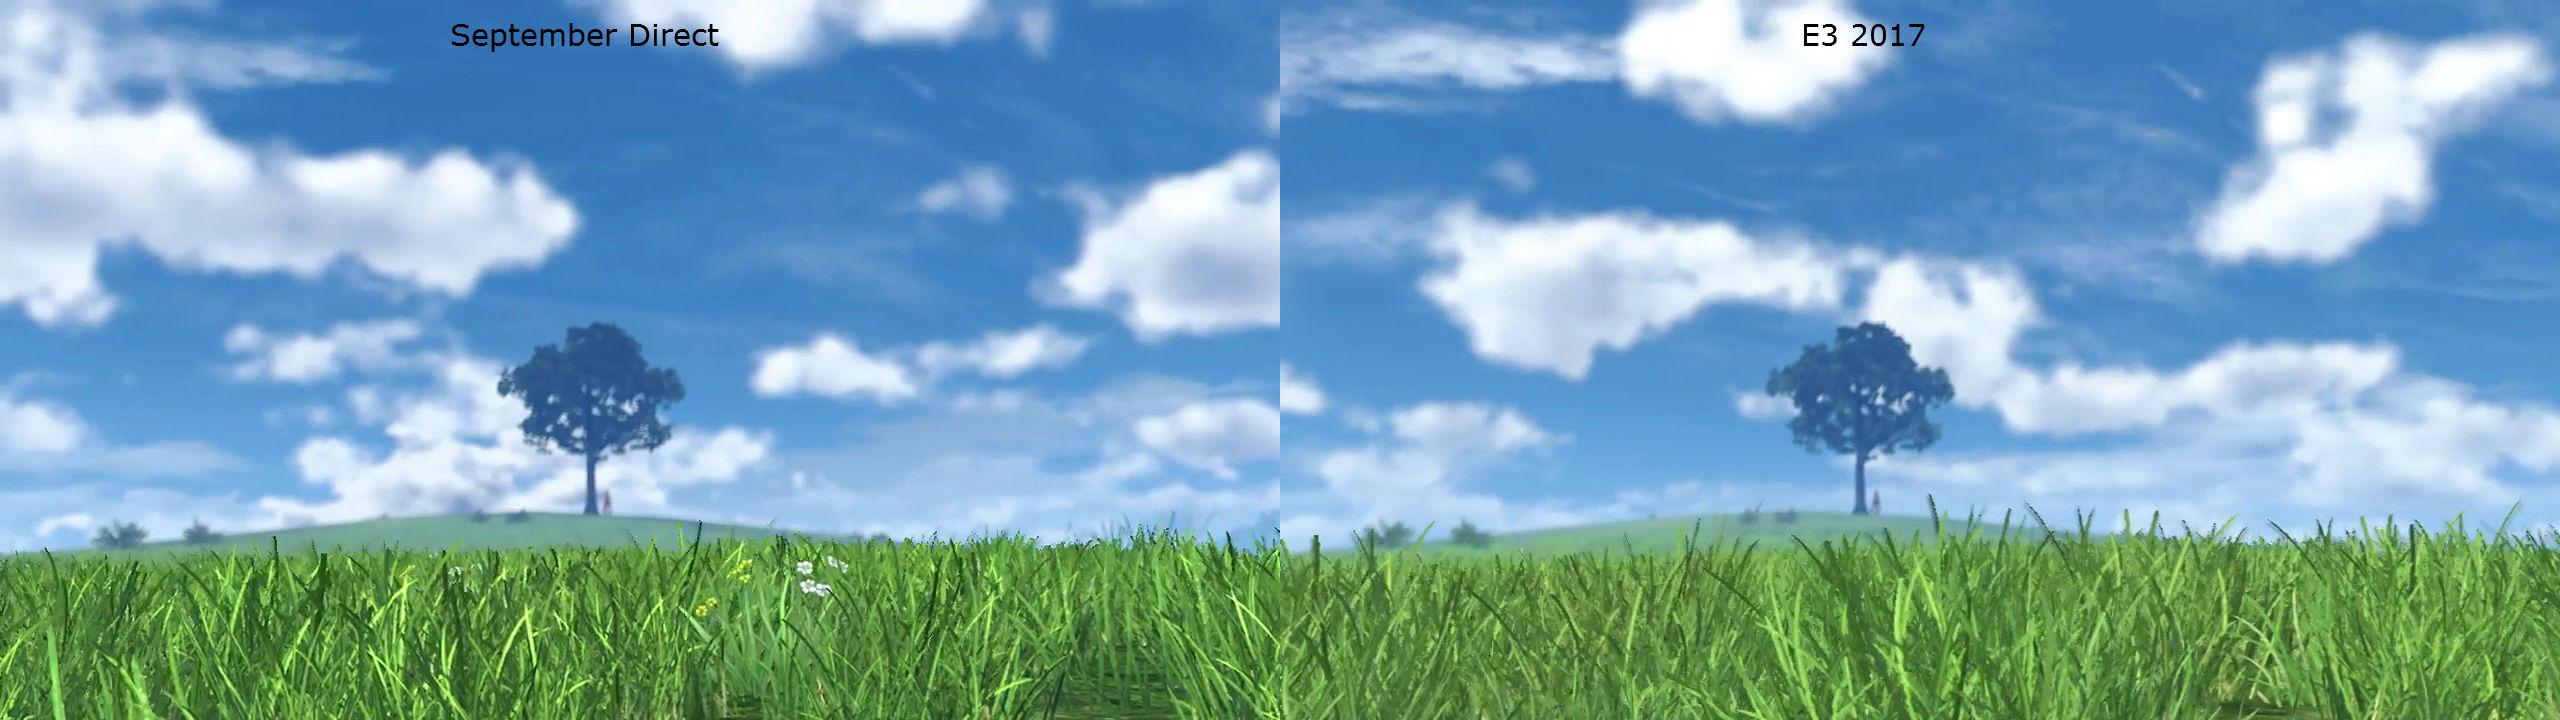 DBx4s6fDGGUe3 - 【朗報】ゼノブレイド2の草が3ヶ月前から増えまくり